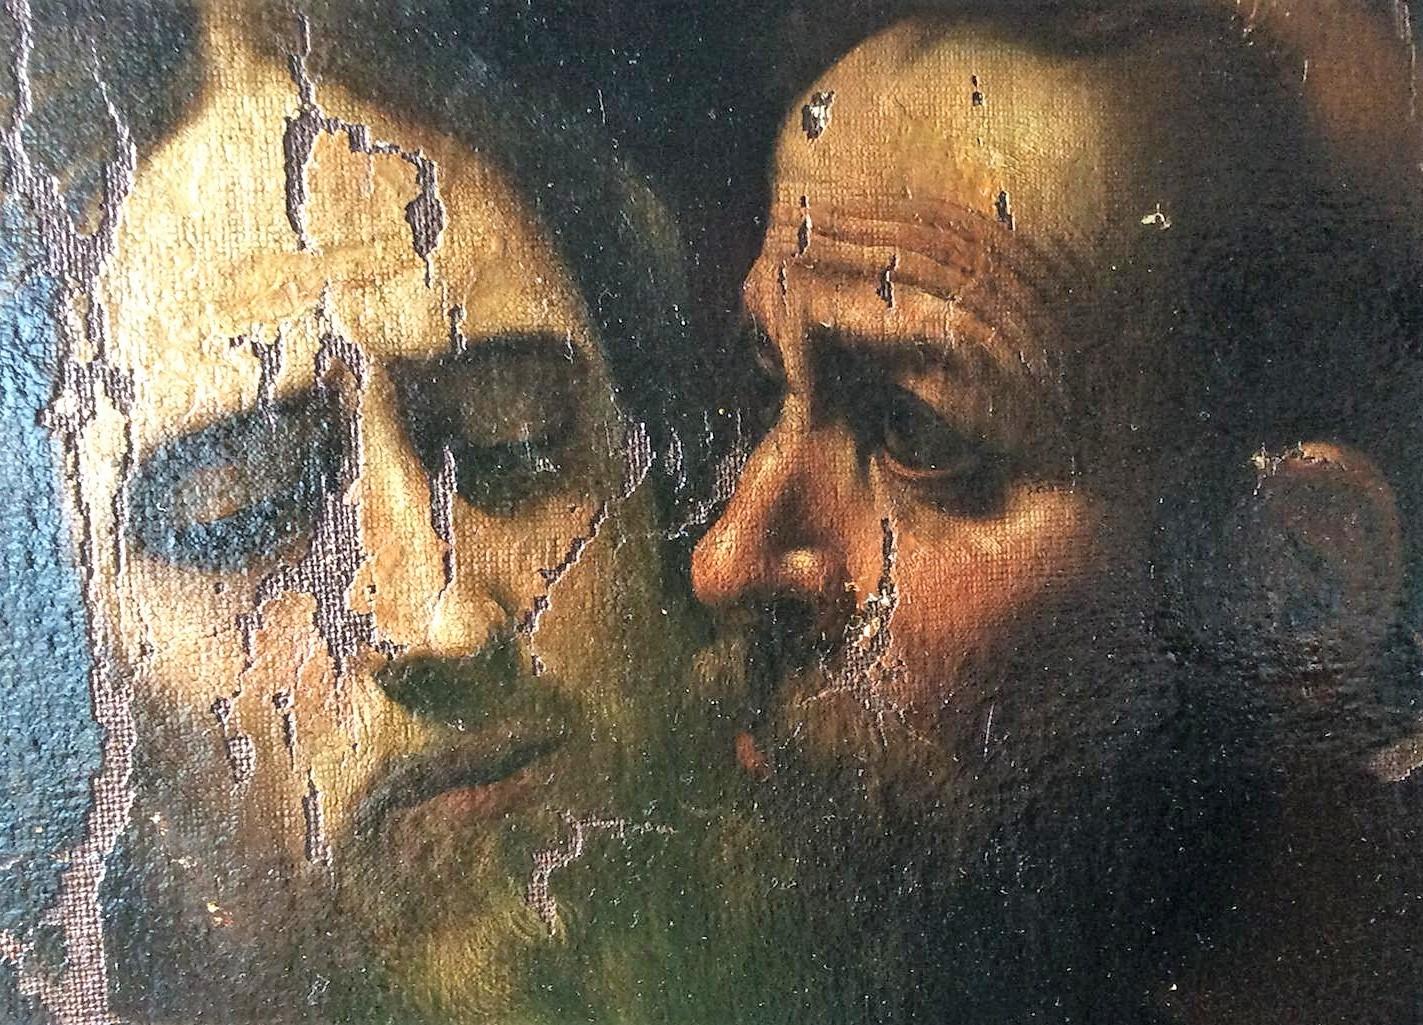 Cattura di Cristo di Odessa, dettaglio con i volti di Cristo e Giuda (durante il restauro). Ph. Credit Nataliia Chechykova